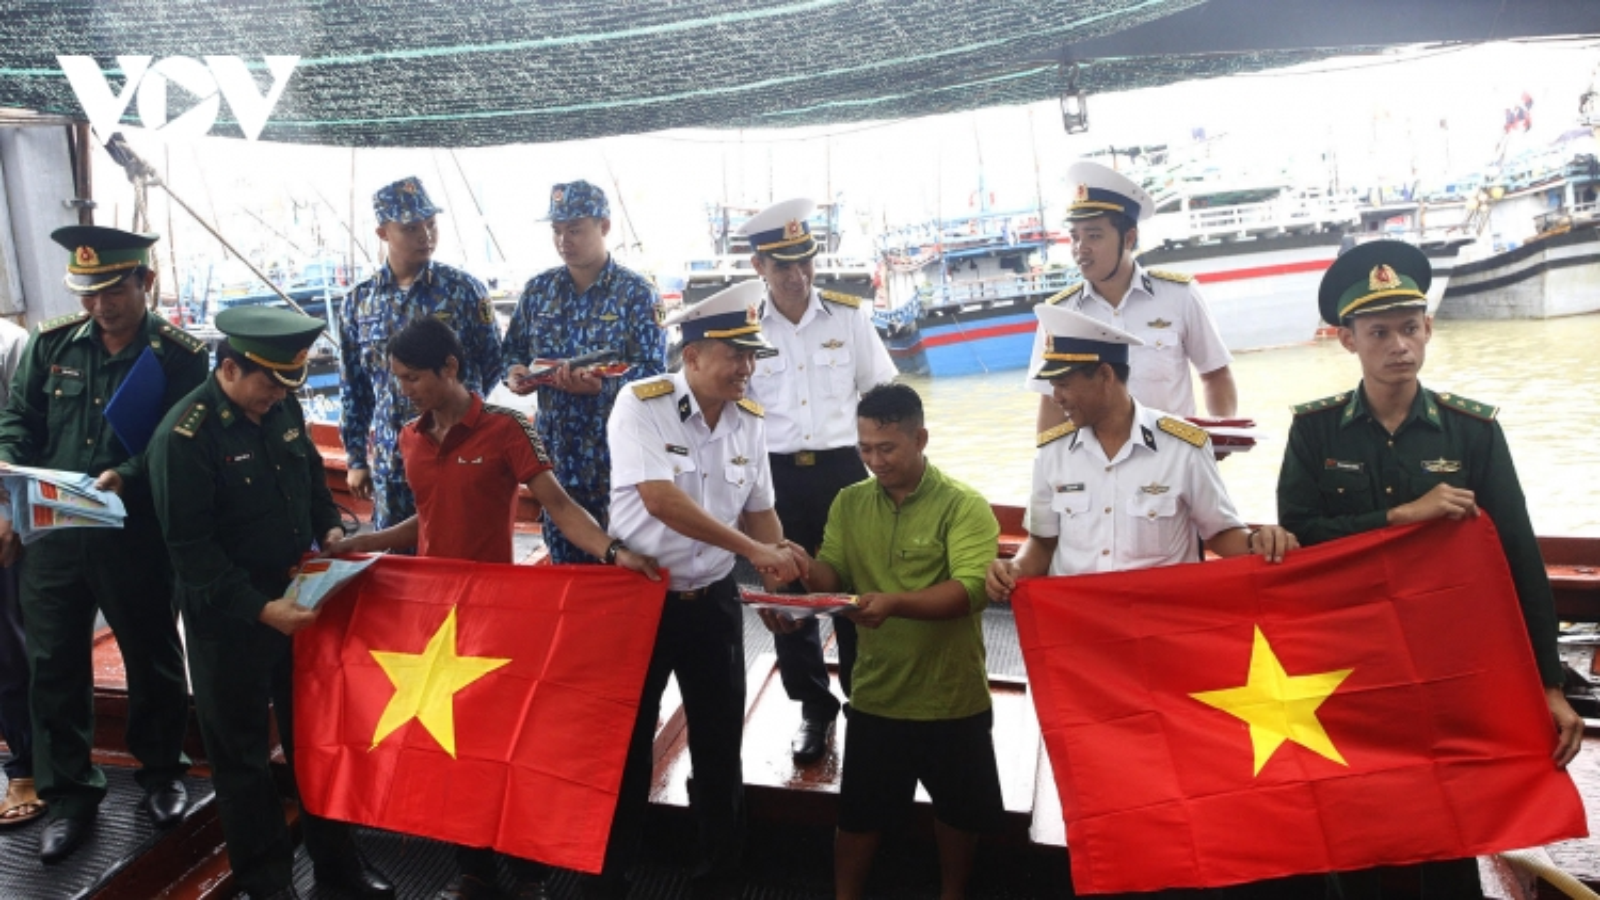 Lữ đoàn 682 đồng hành cùngngư dân Phú Yên vươn khơi bám biển